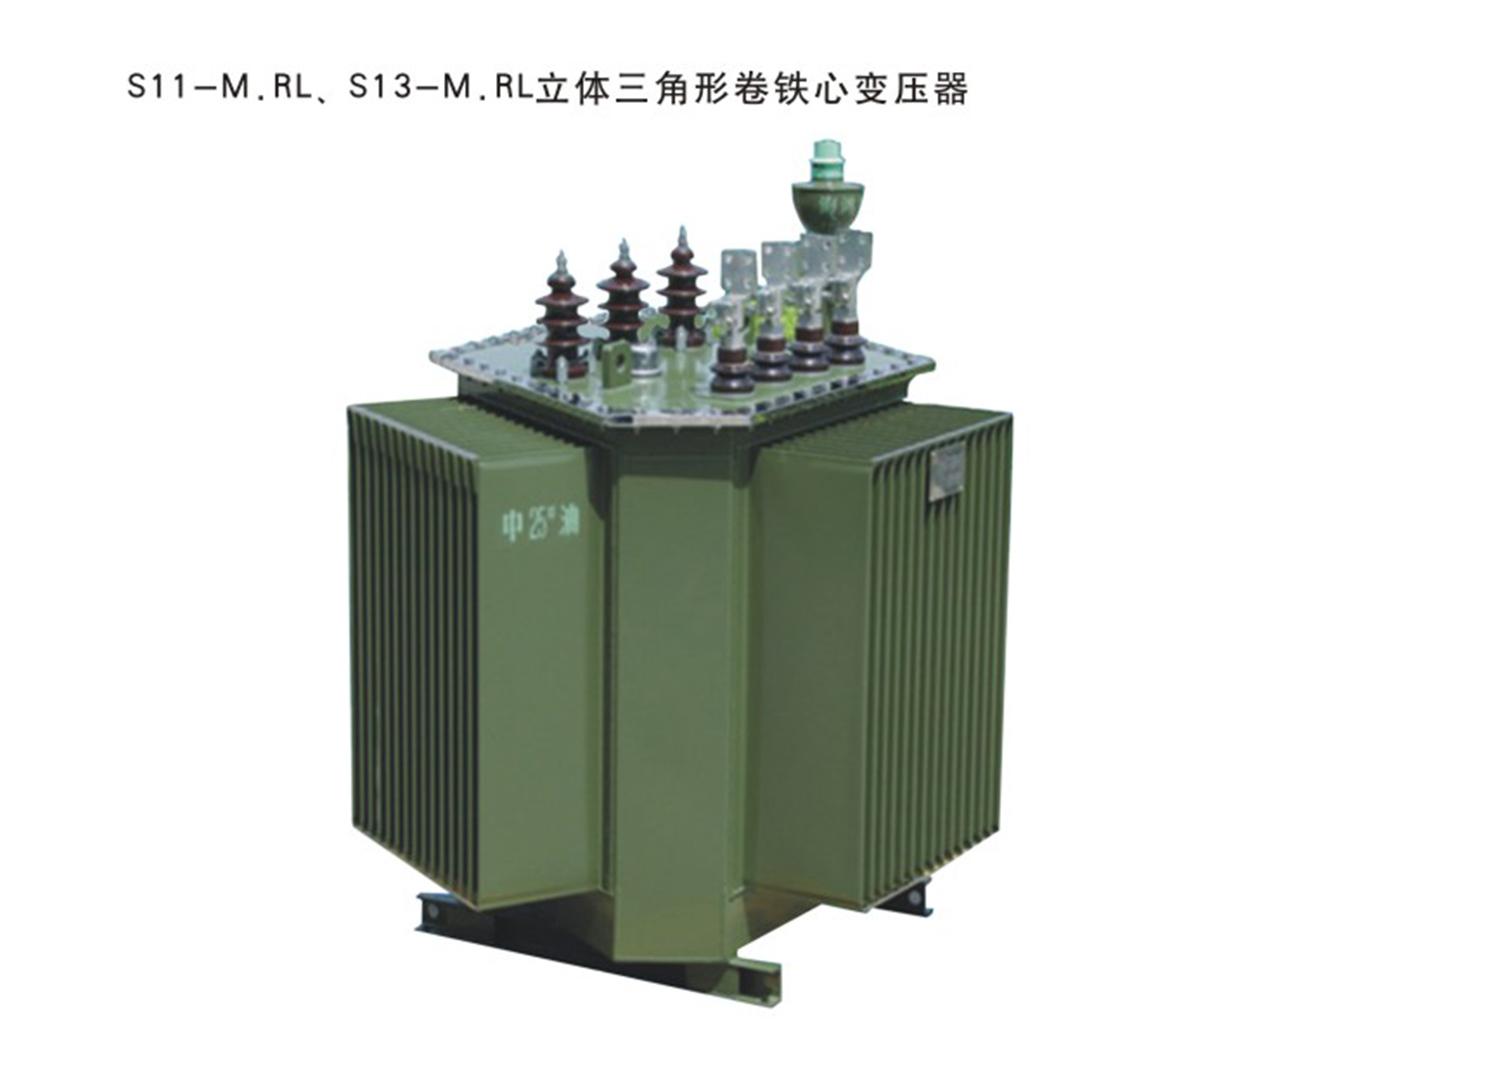 立体卷铁芯变压器